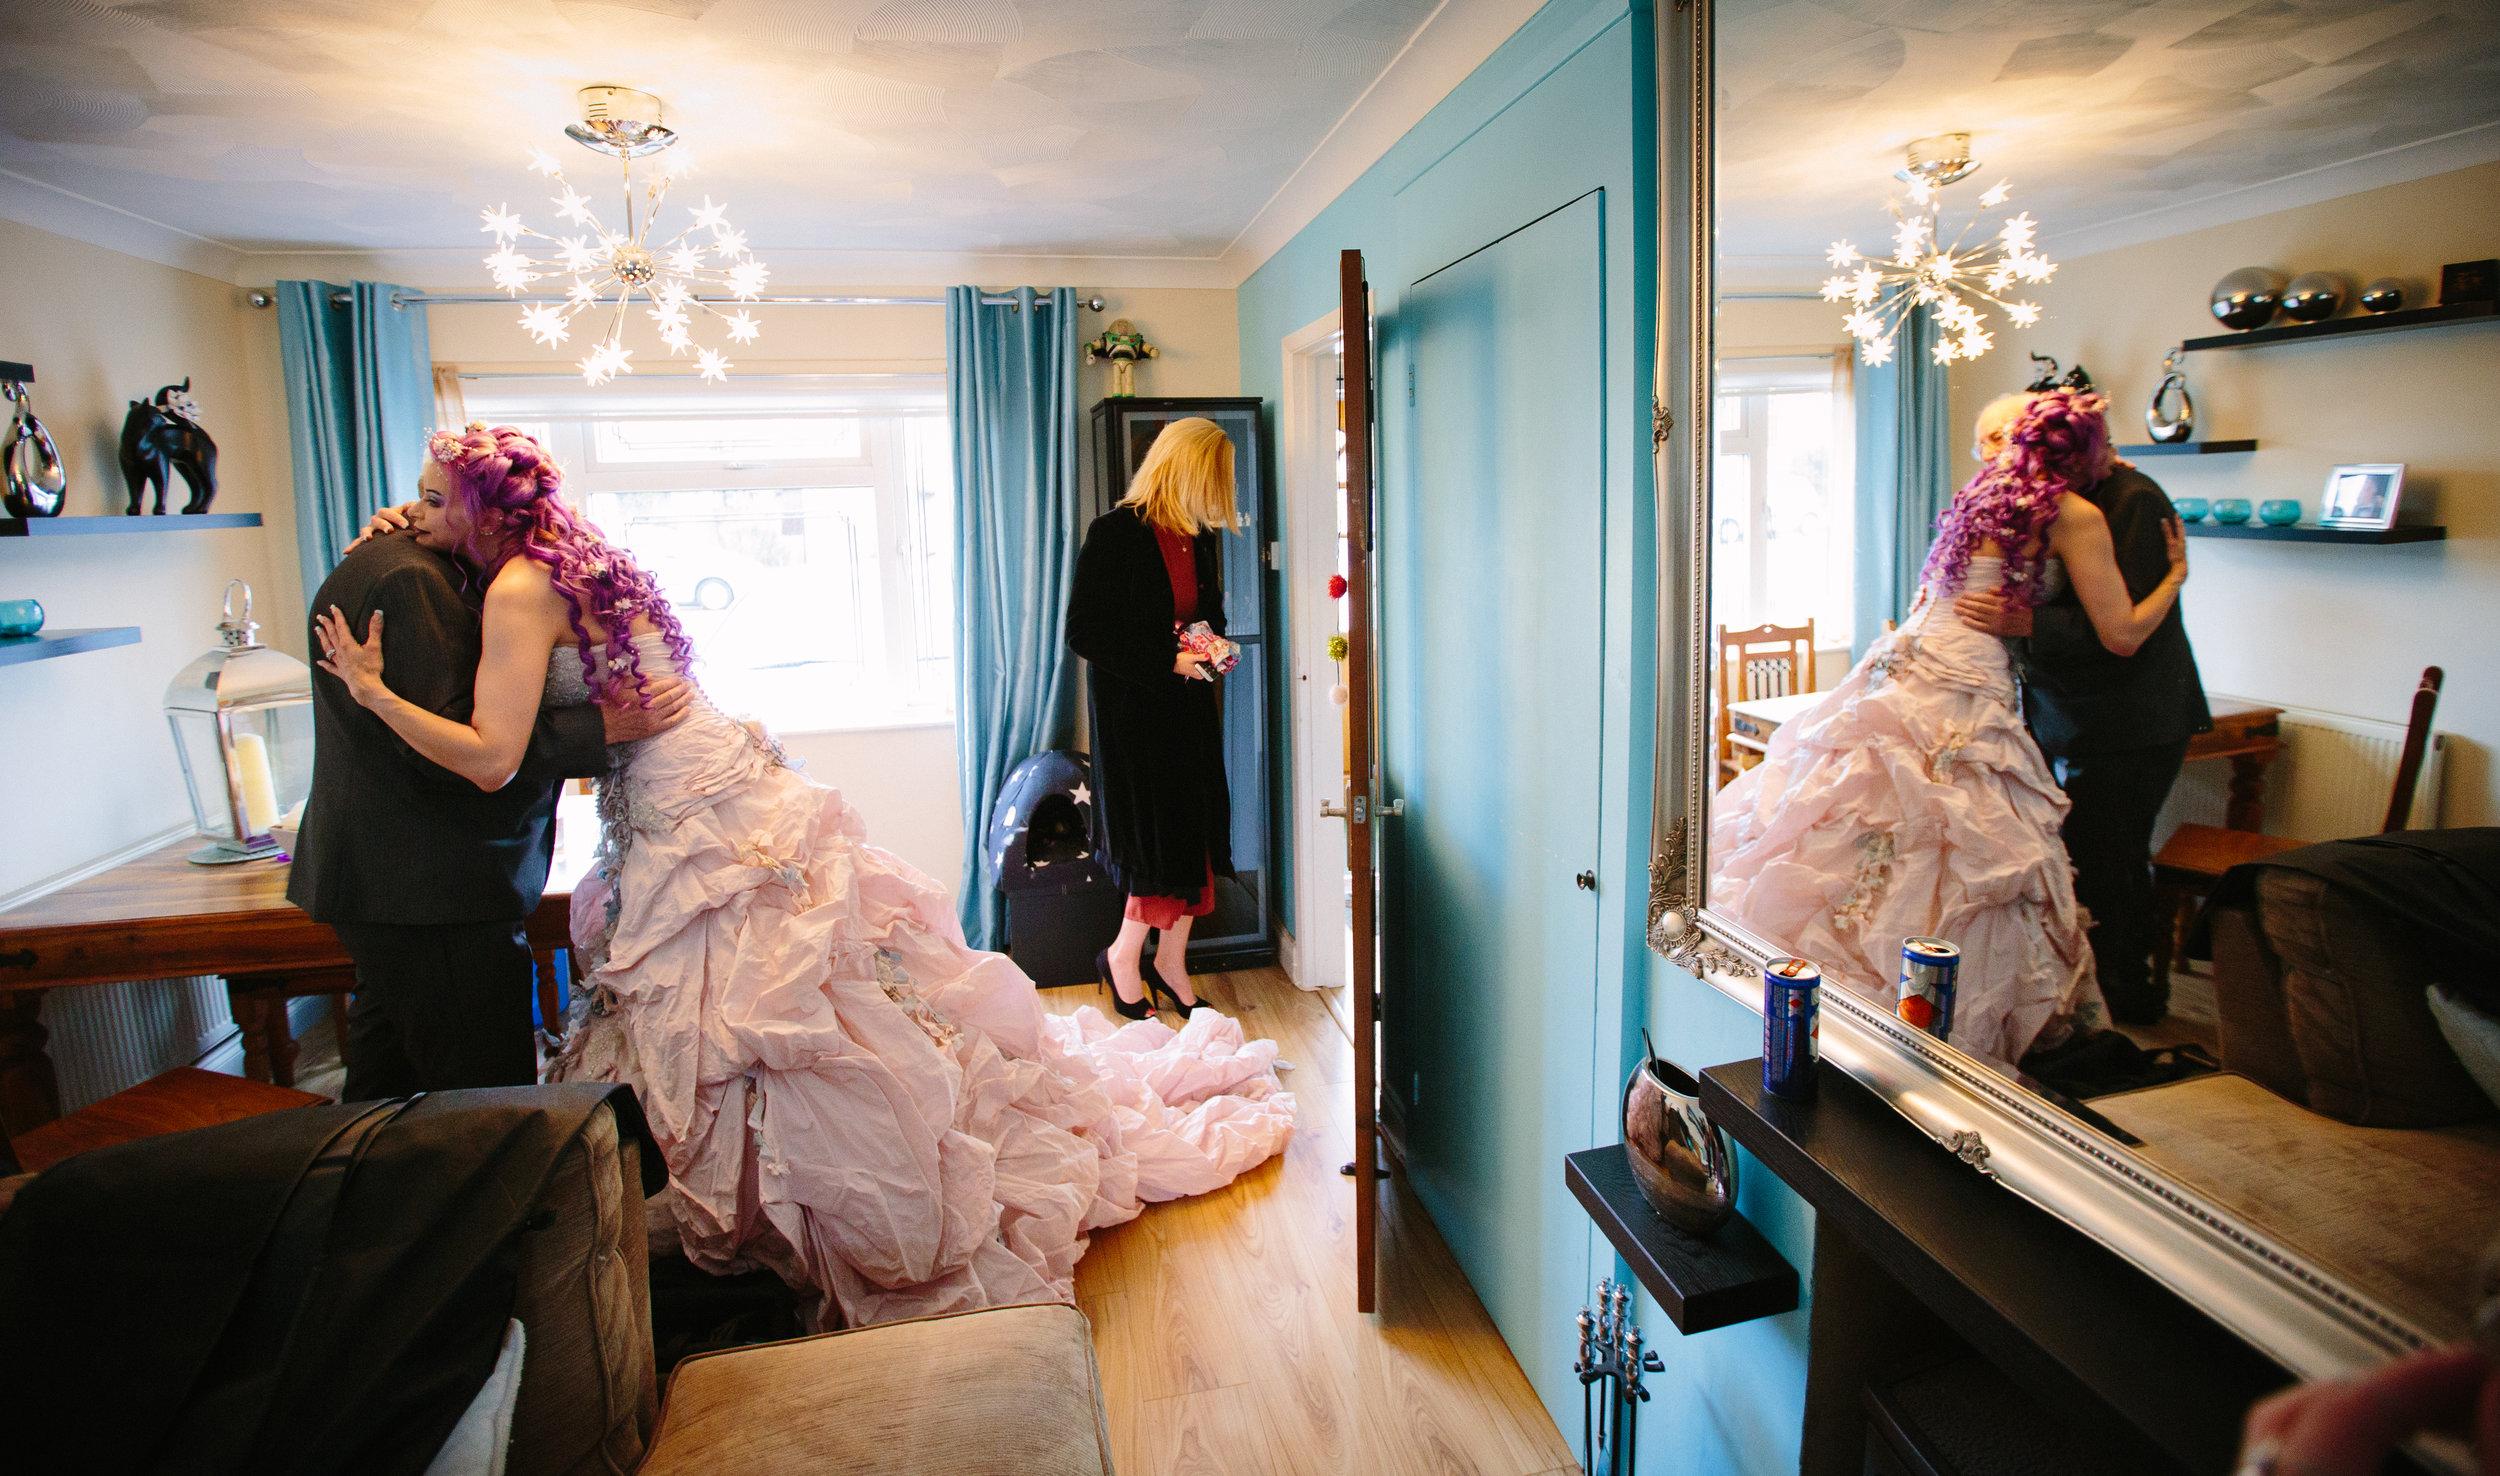 bride-father-mirror-shot-essex-movie-theme-wedding-5